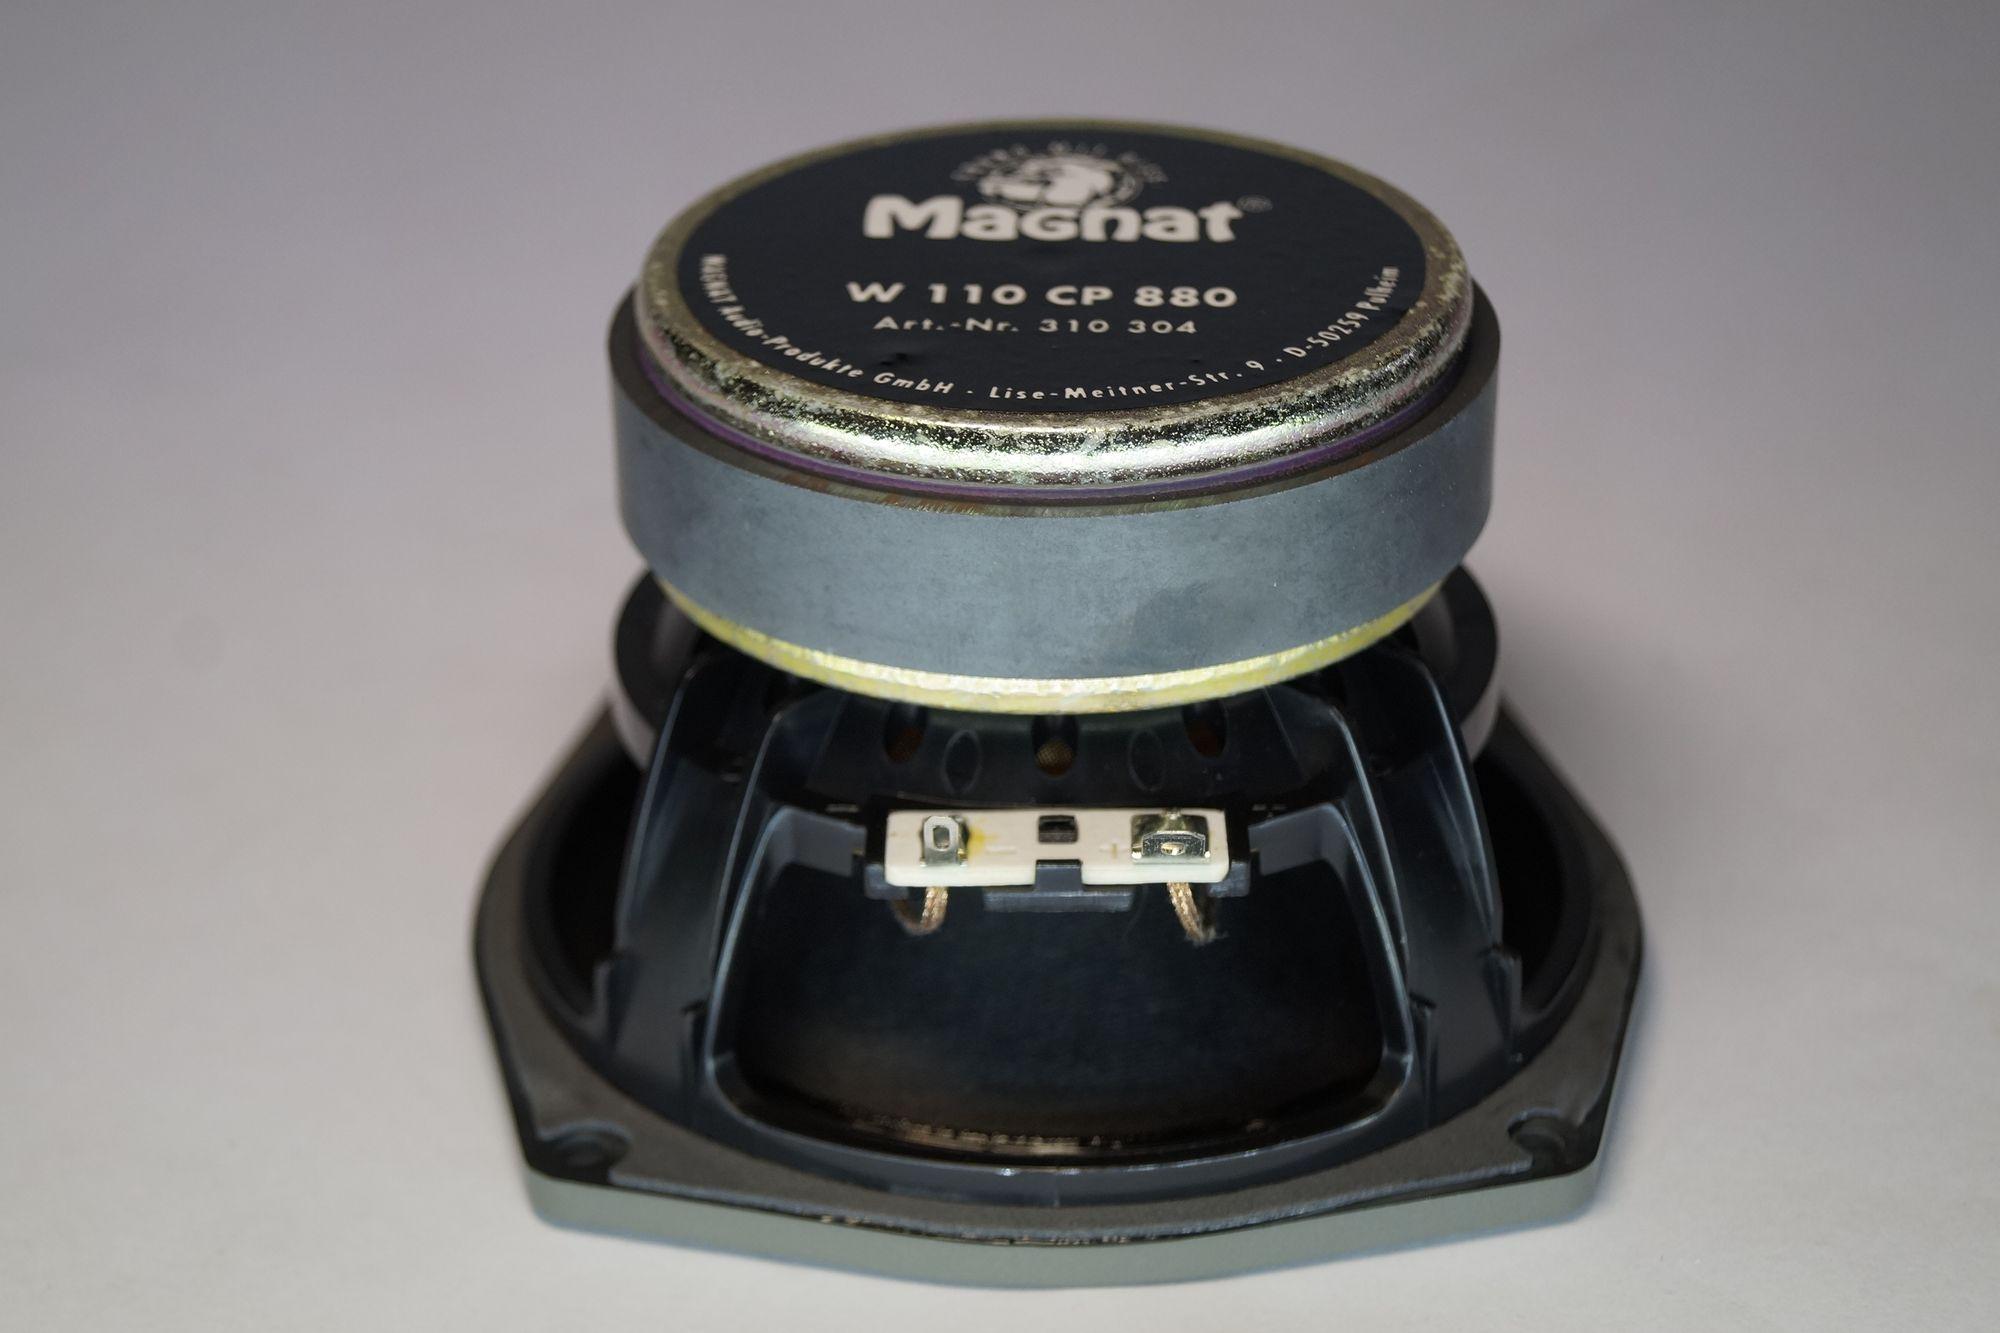 1 Paar Magnat W110 CP 880 Tiefmitteltöner 150 Watt max., NEU – Bild 4